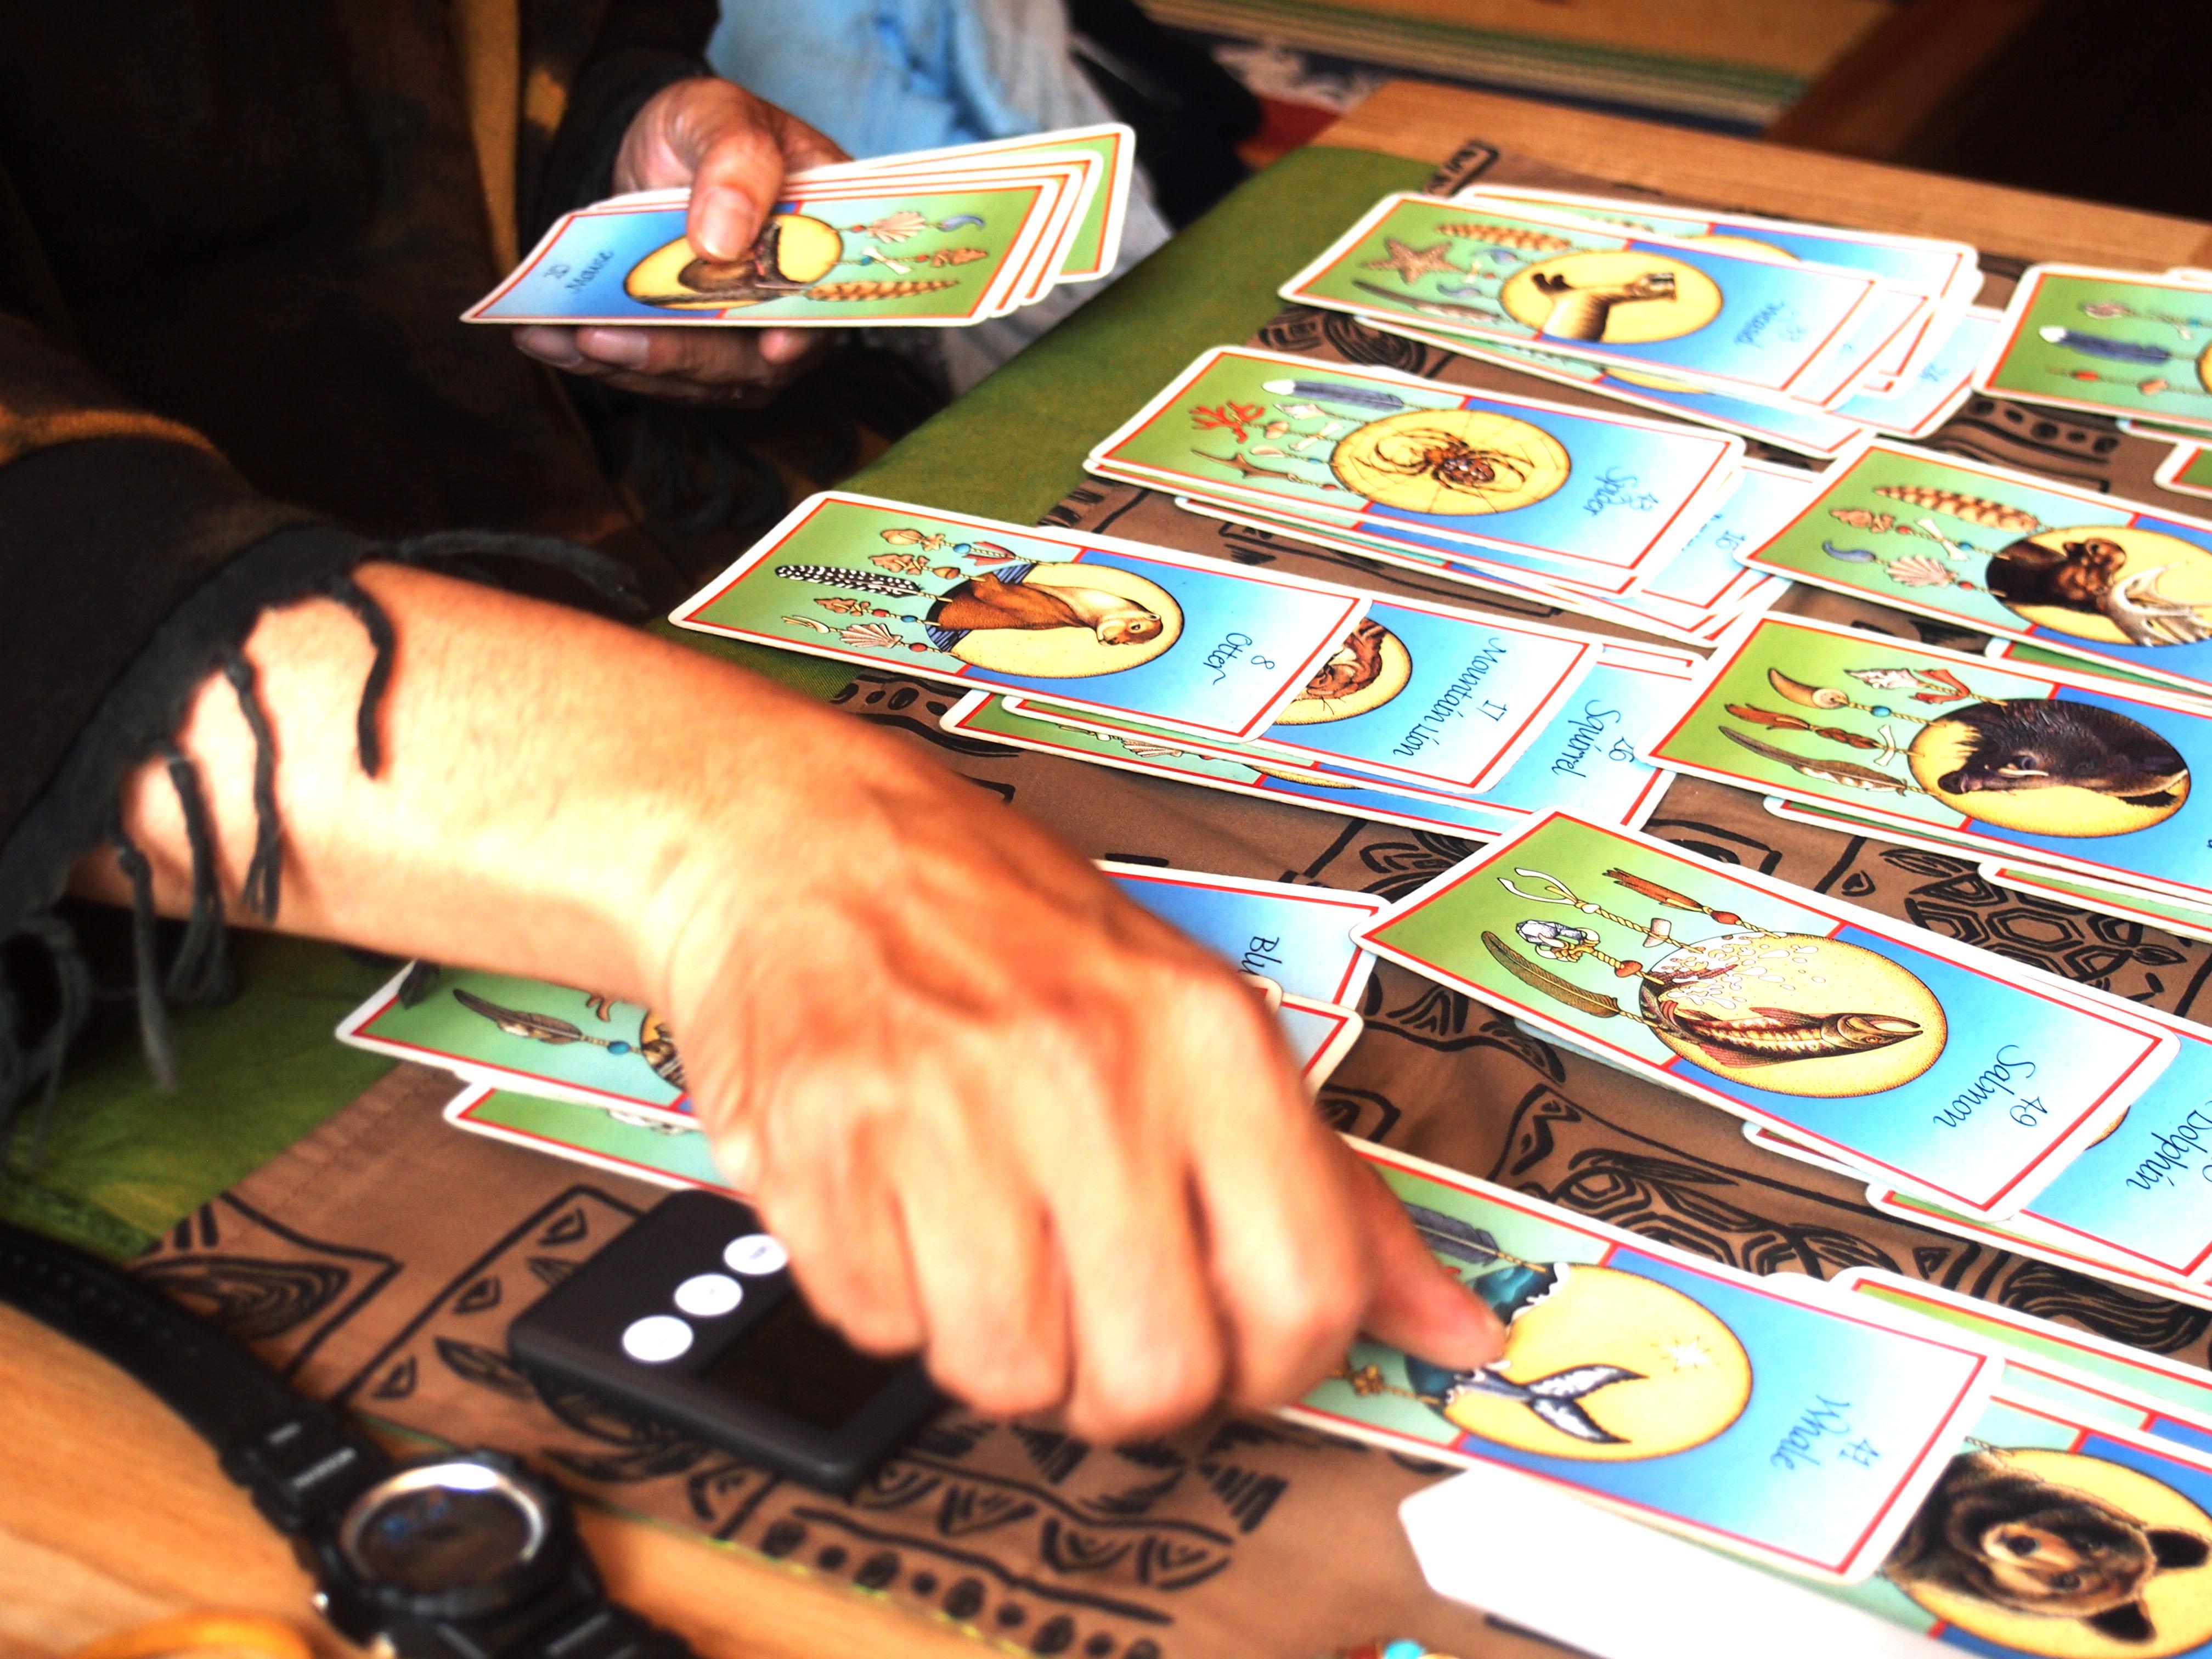 ネイティブインディアンの教えに基づいた動物からの智慧のカード占い。